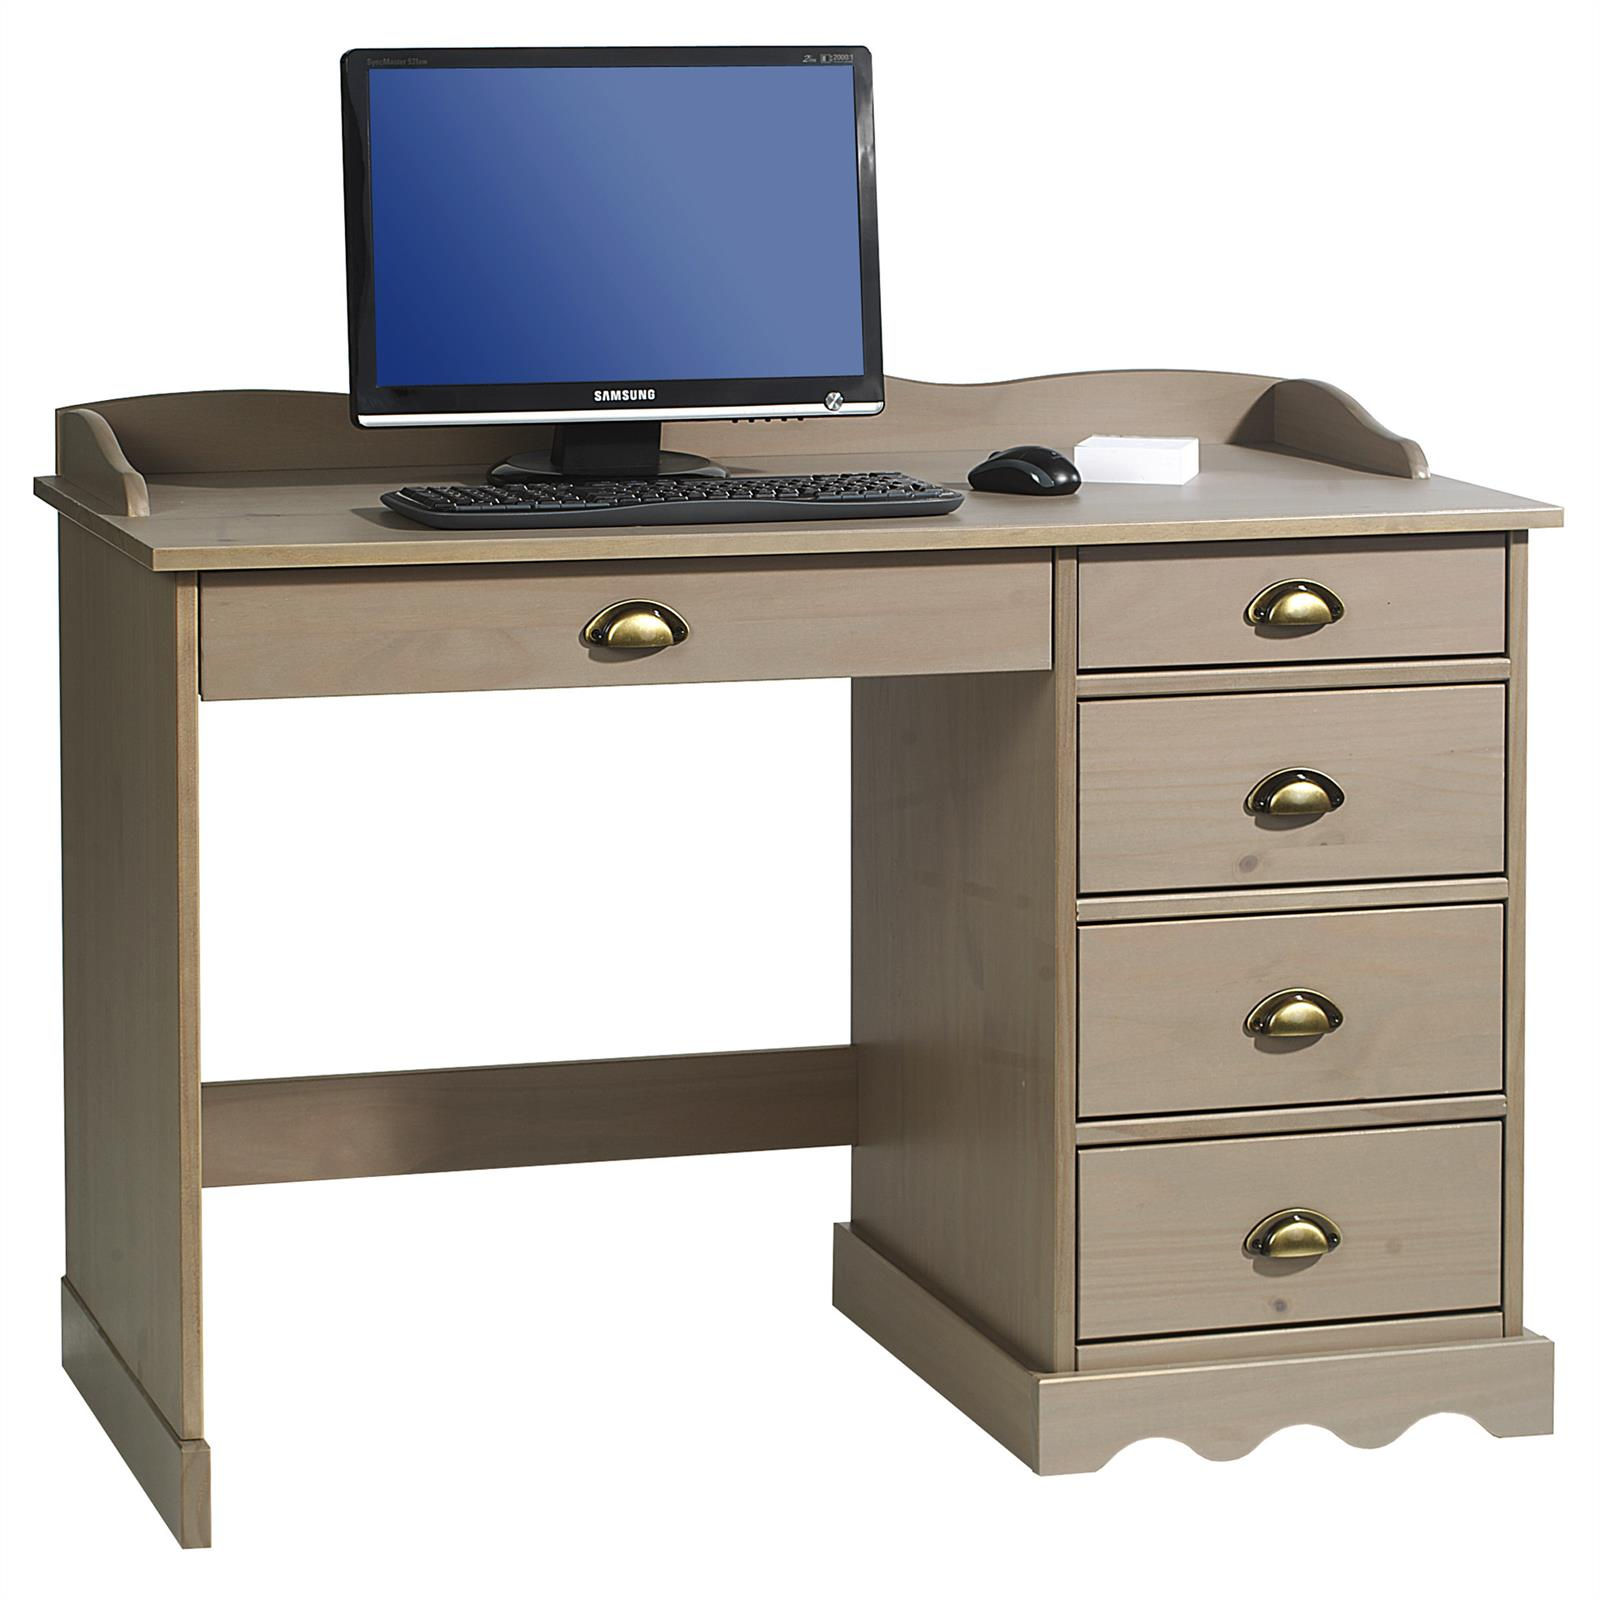 schreibtisch b rotisch arbeitstisch mit 5 schubladen landhausstil kiefer massiv ebay. Black Bedroom Furniture Sets. Home Design Ideas